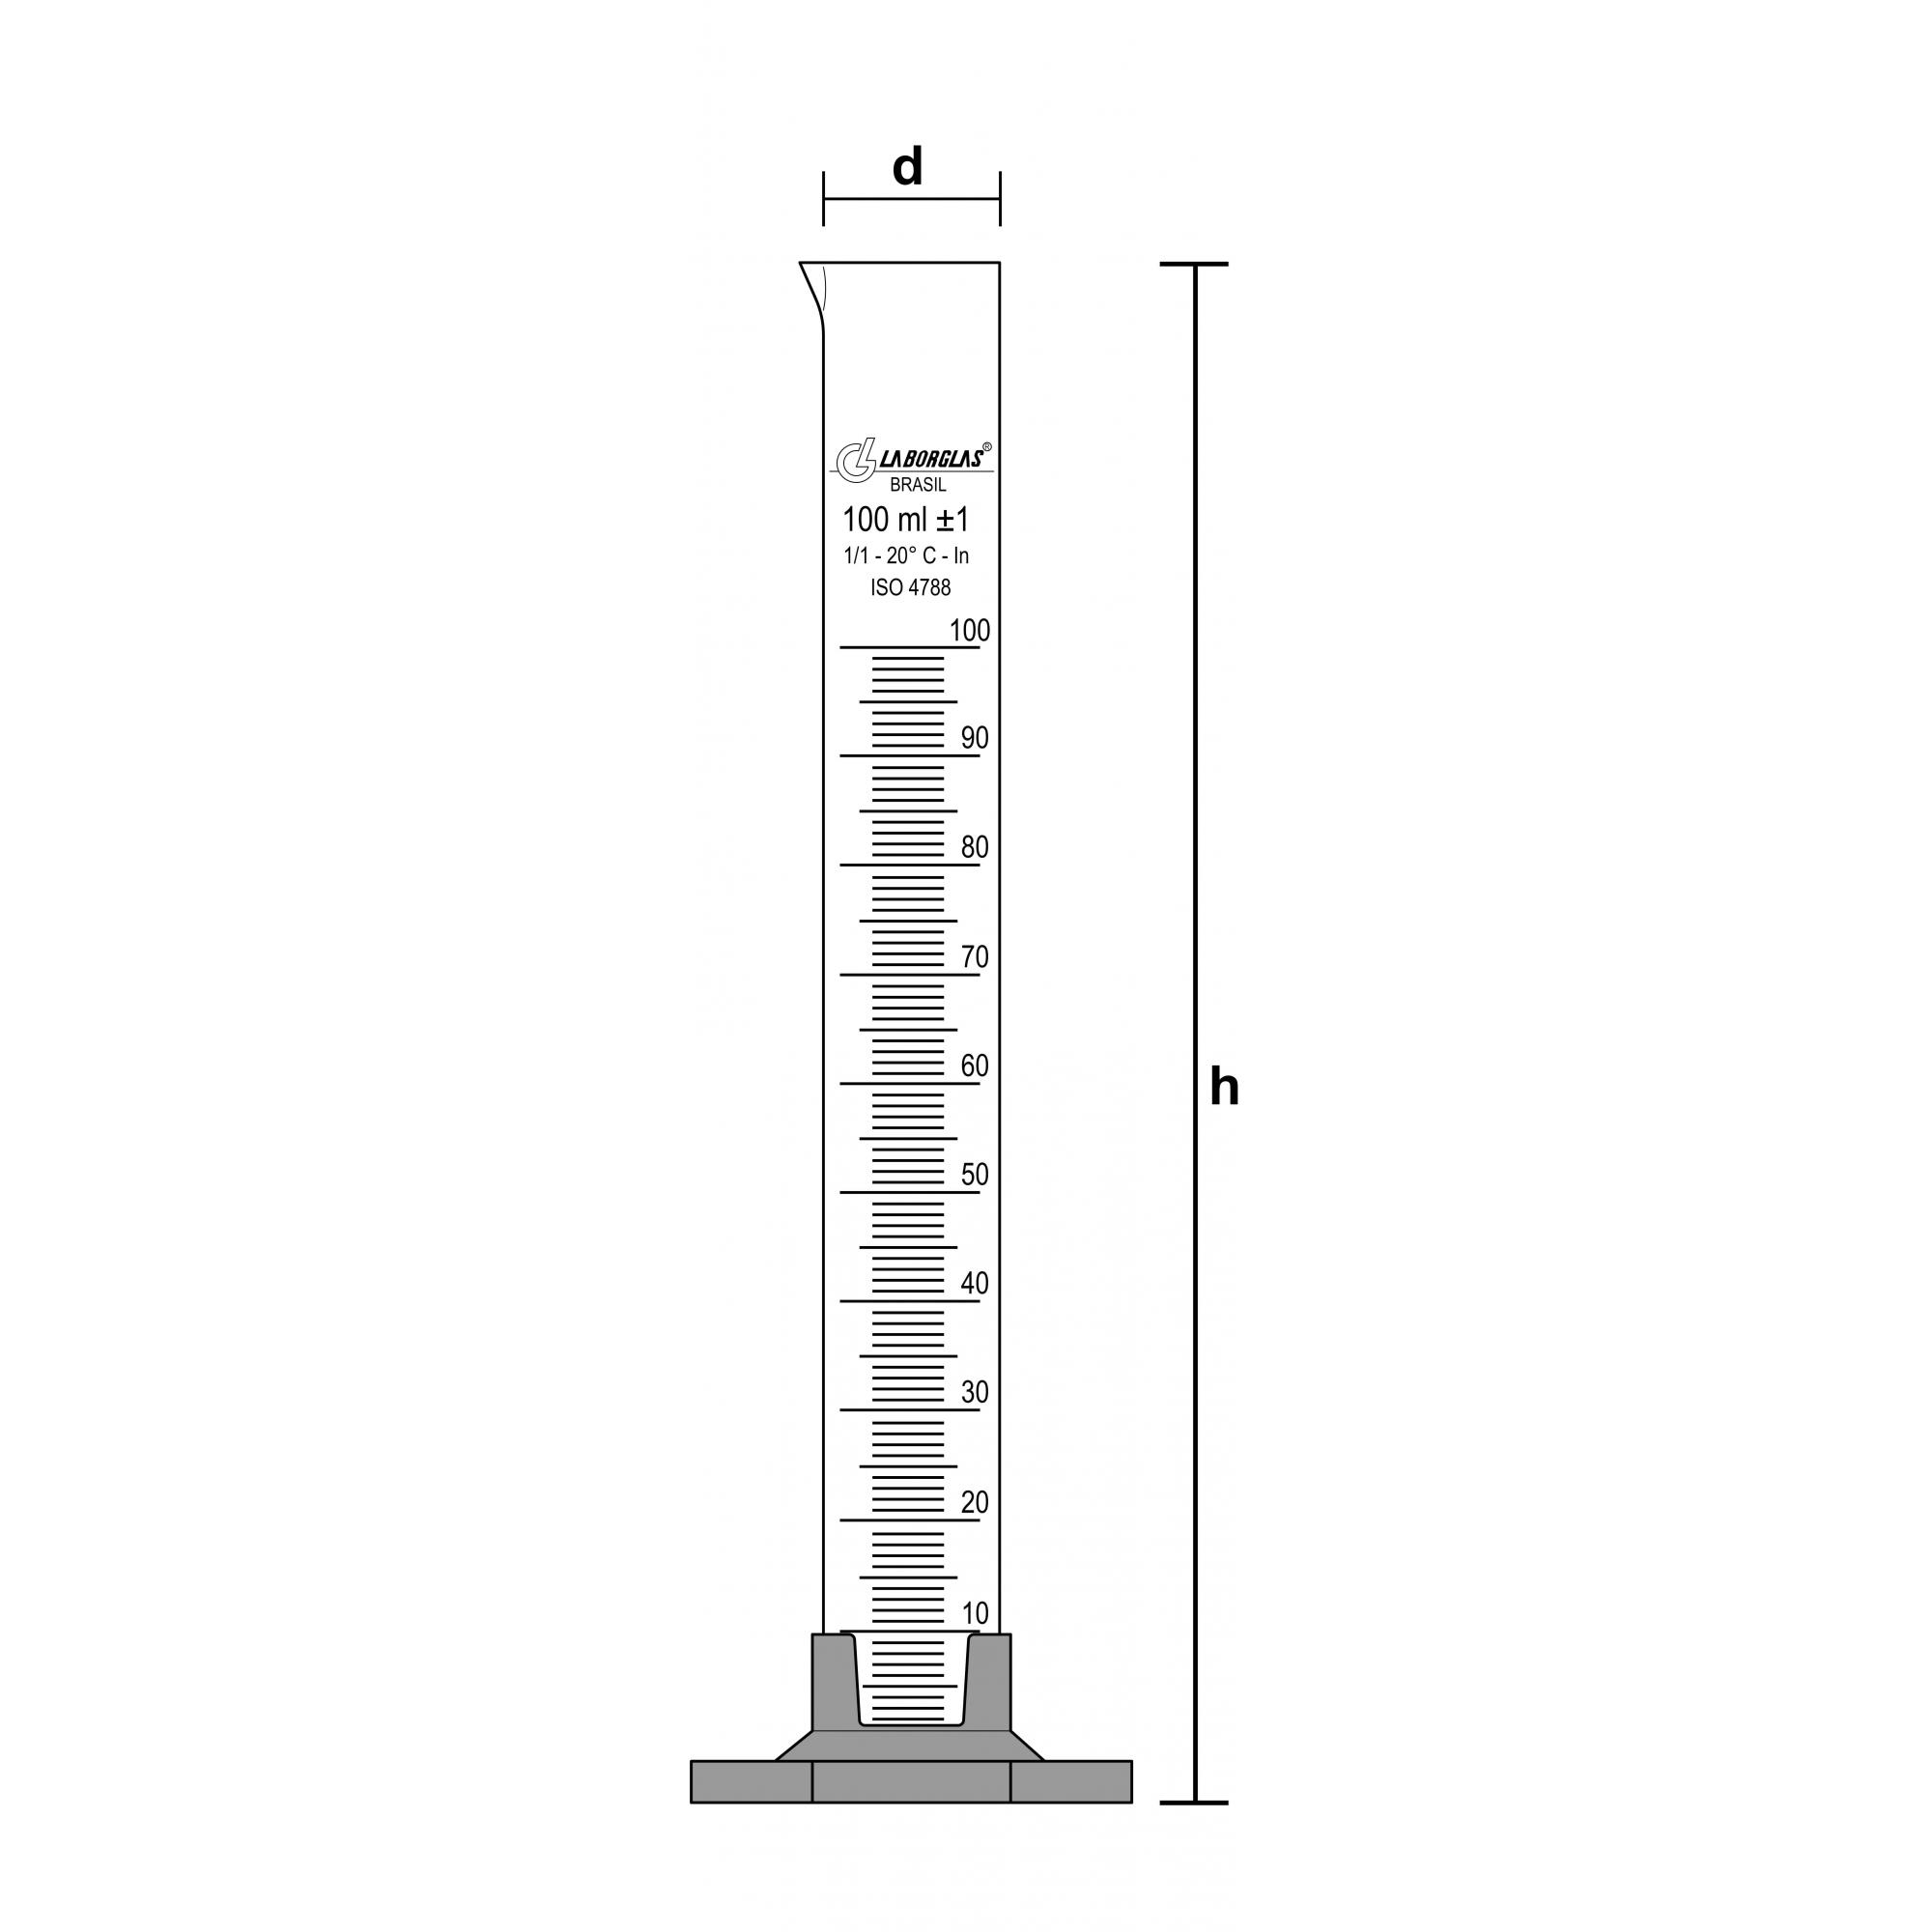 PROVETA GRADUADA BASE HEXAGONAL DE POLIPROPILENO 250 ML - Laborglas - Cód. 9138636